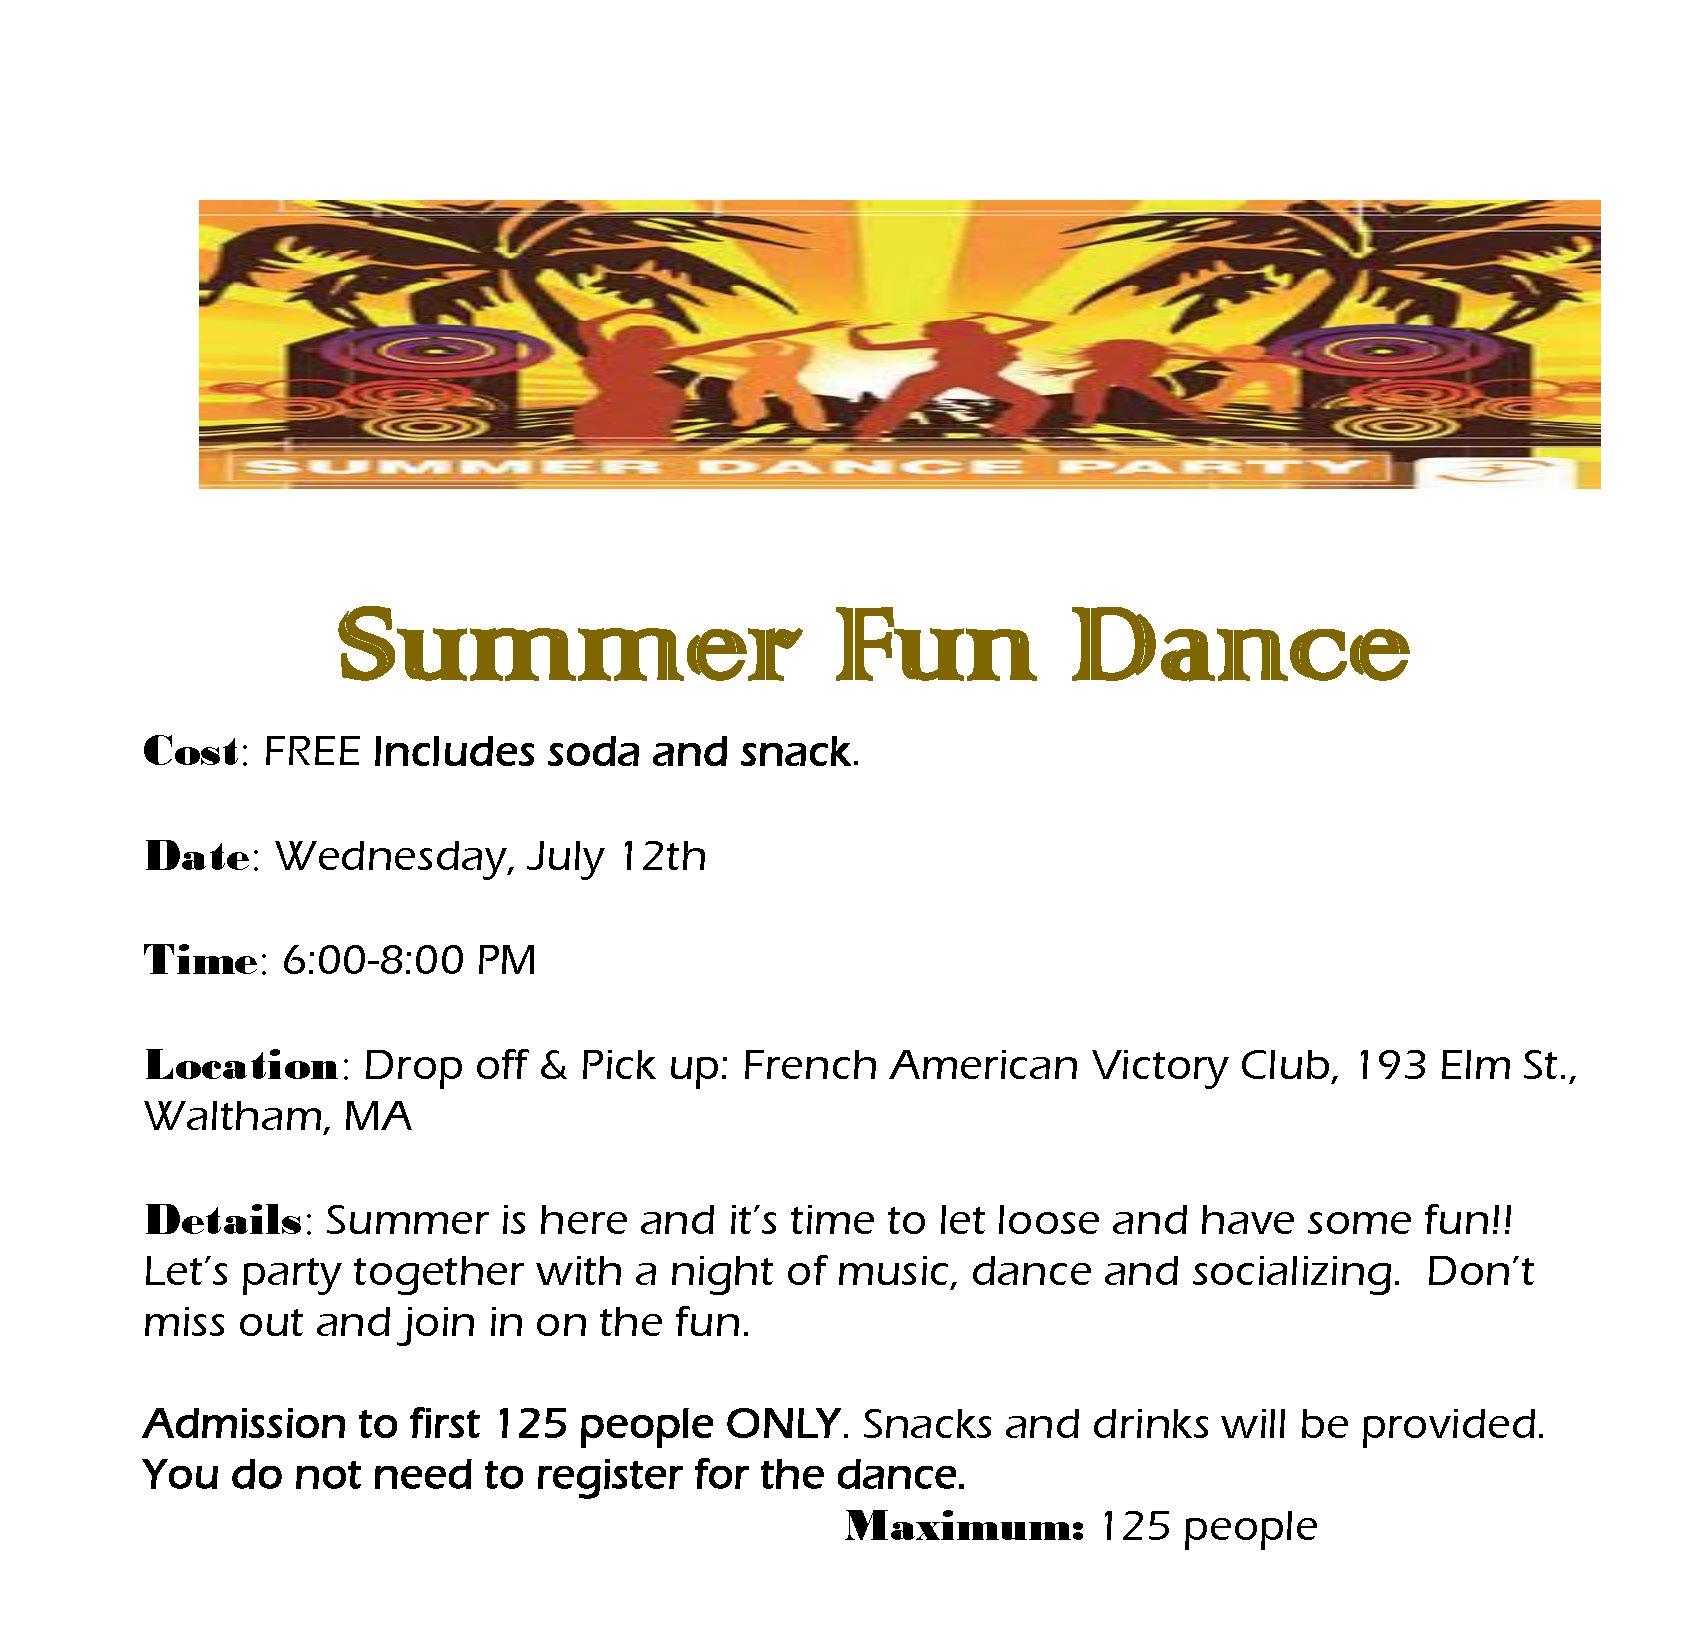 Summer_Fun_Dance20170526123714